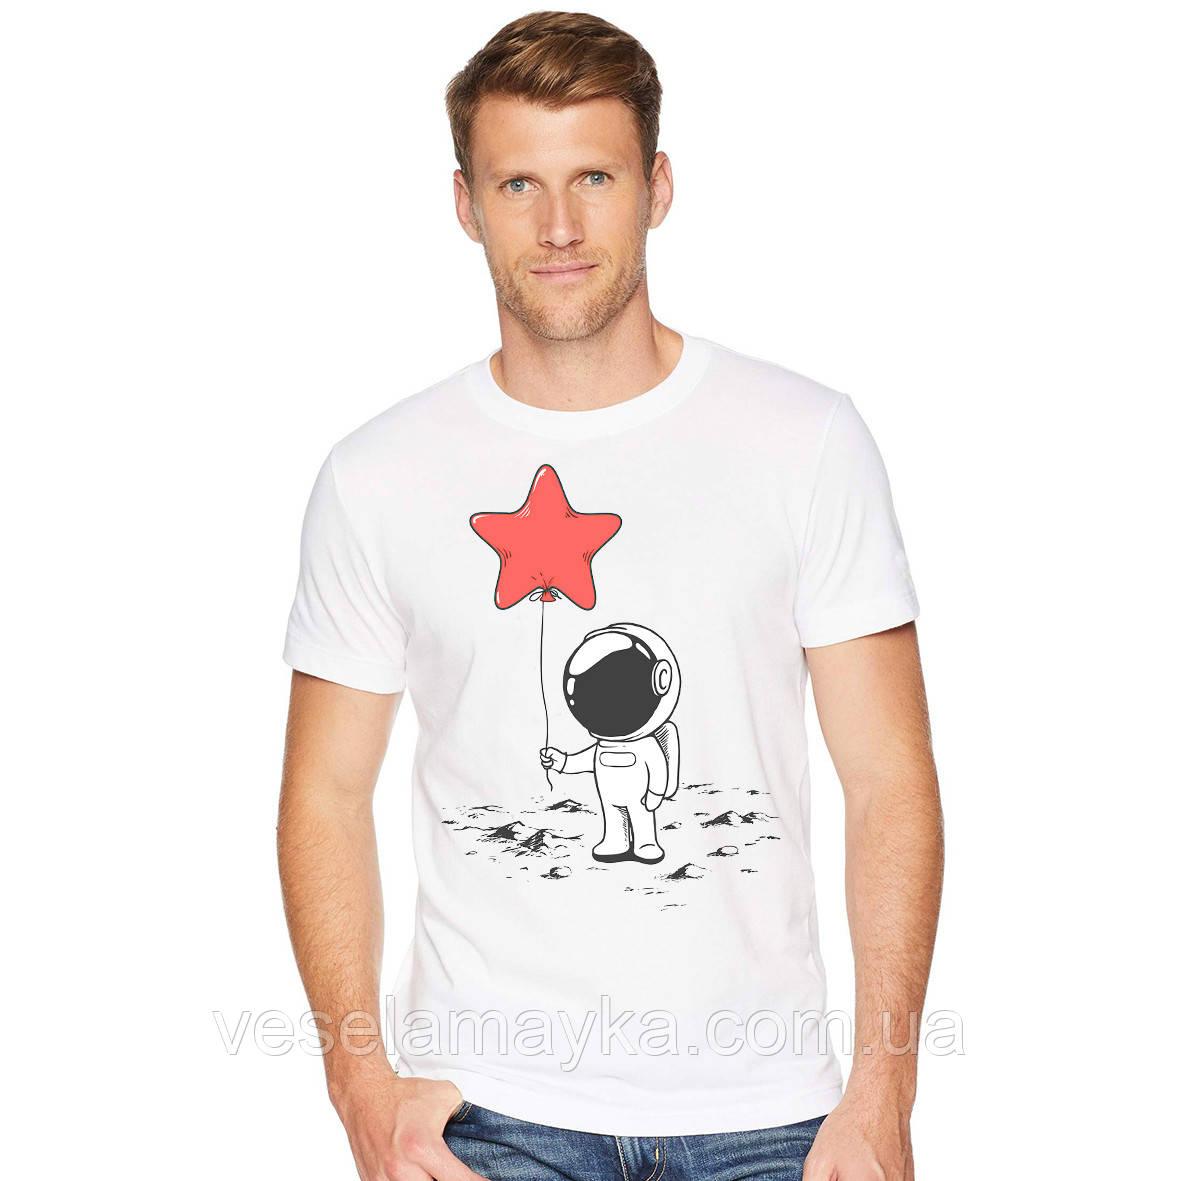 Футболка Space 4 (Космос)